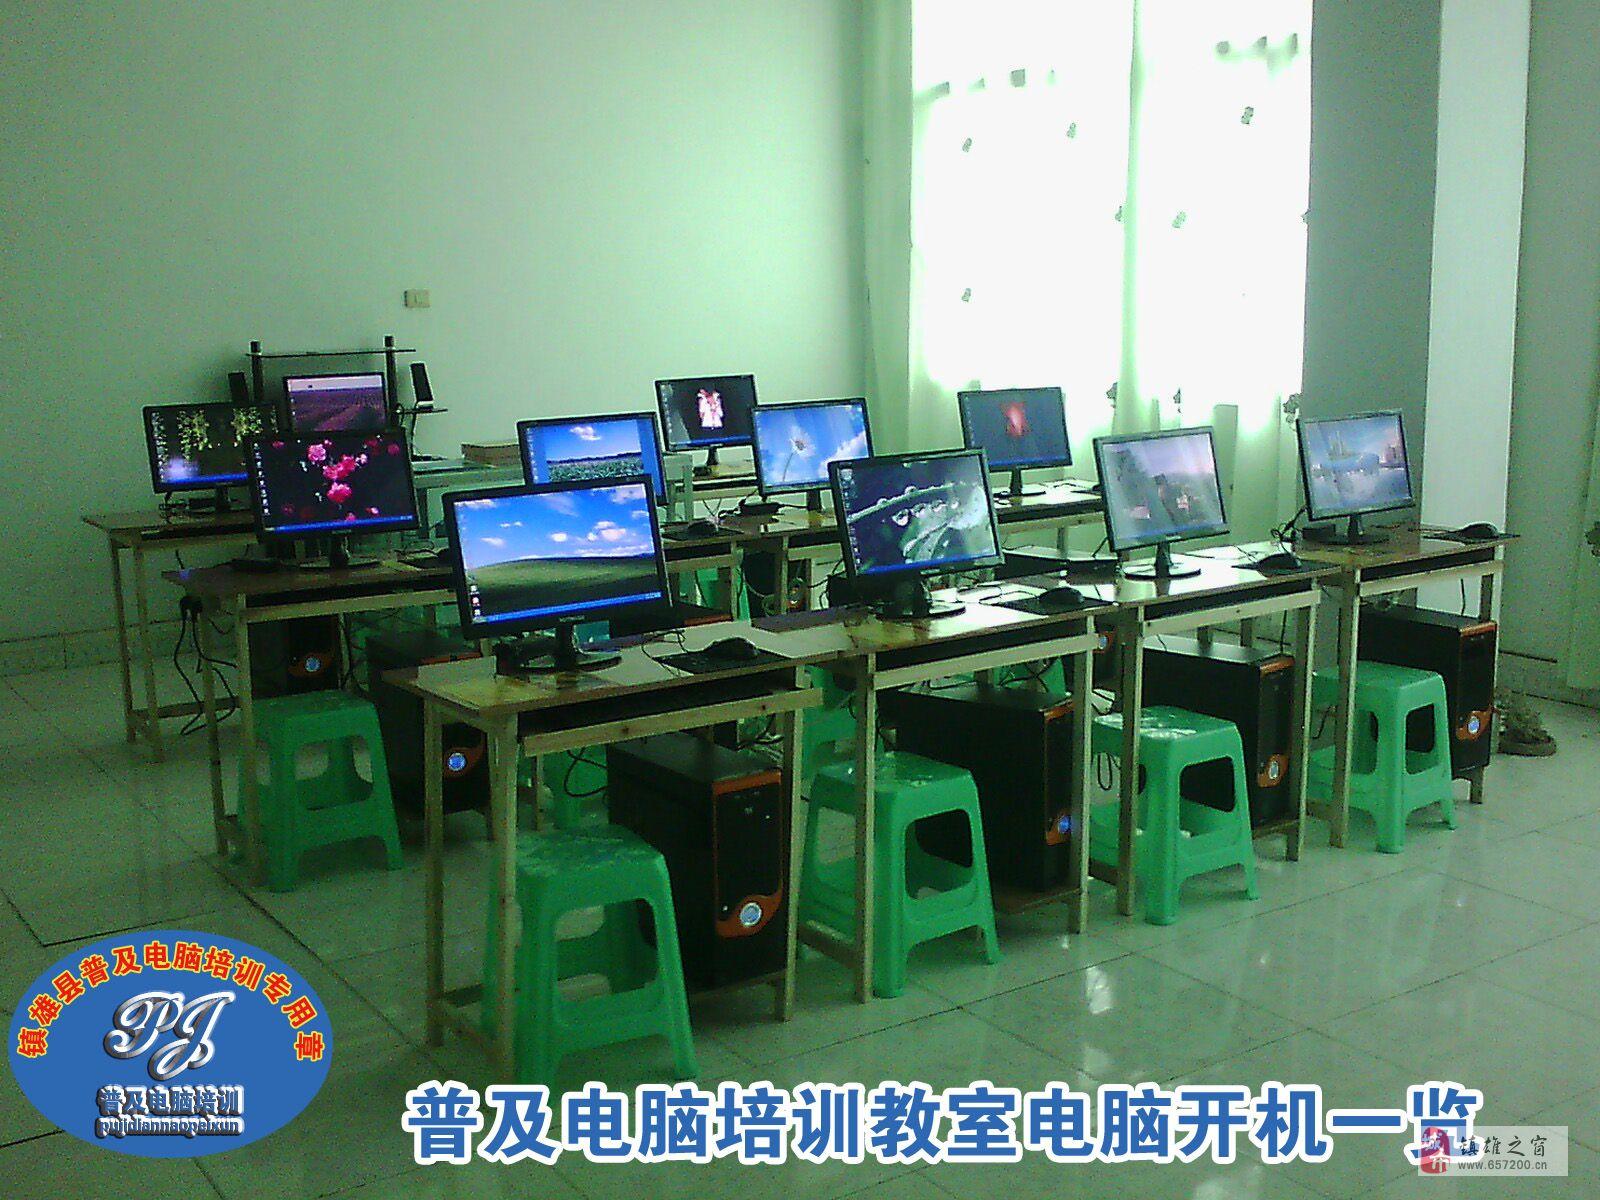 镇雄县普及电脑培训欢迎您